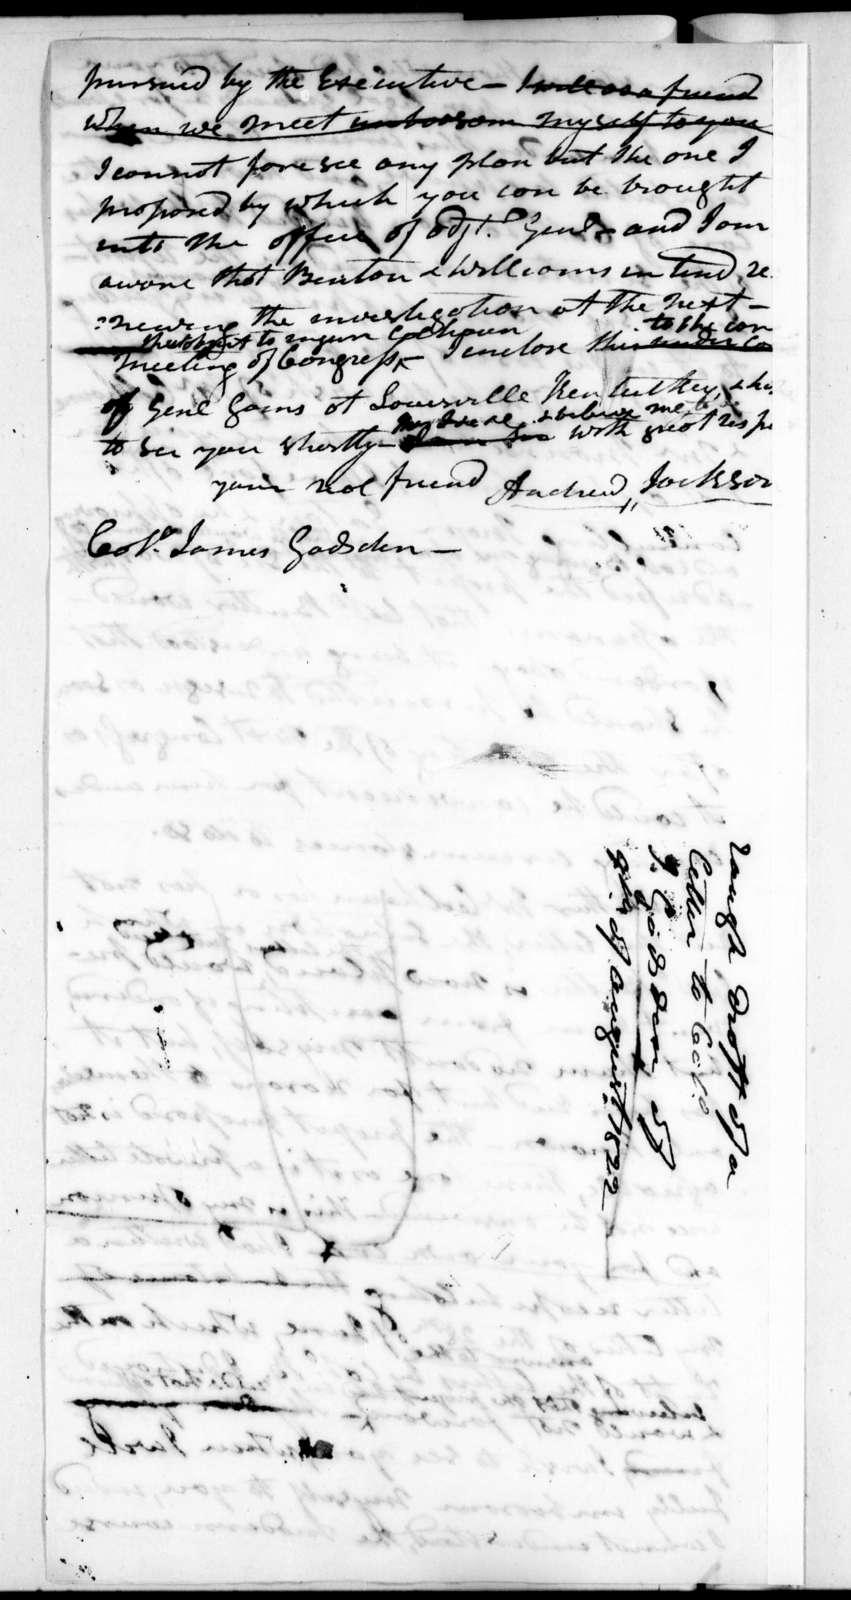 Andrew Jackson to James Gadsden, August 9, 1822